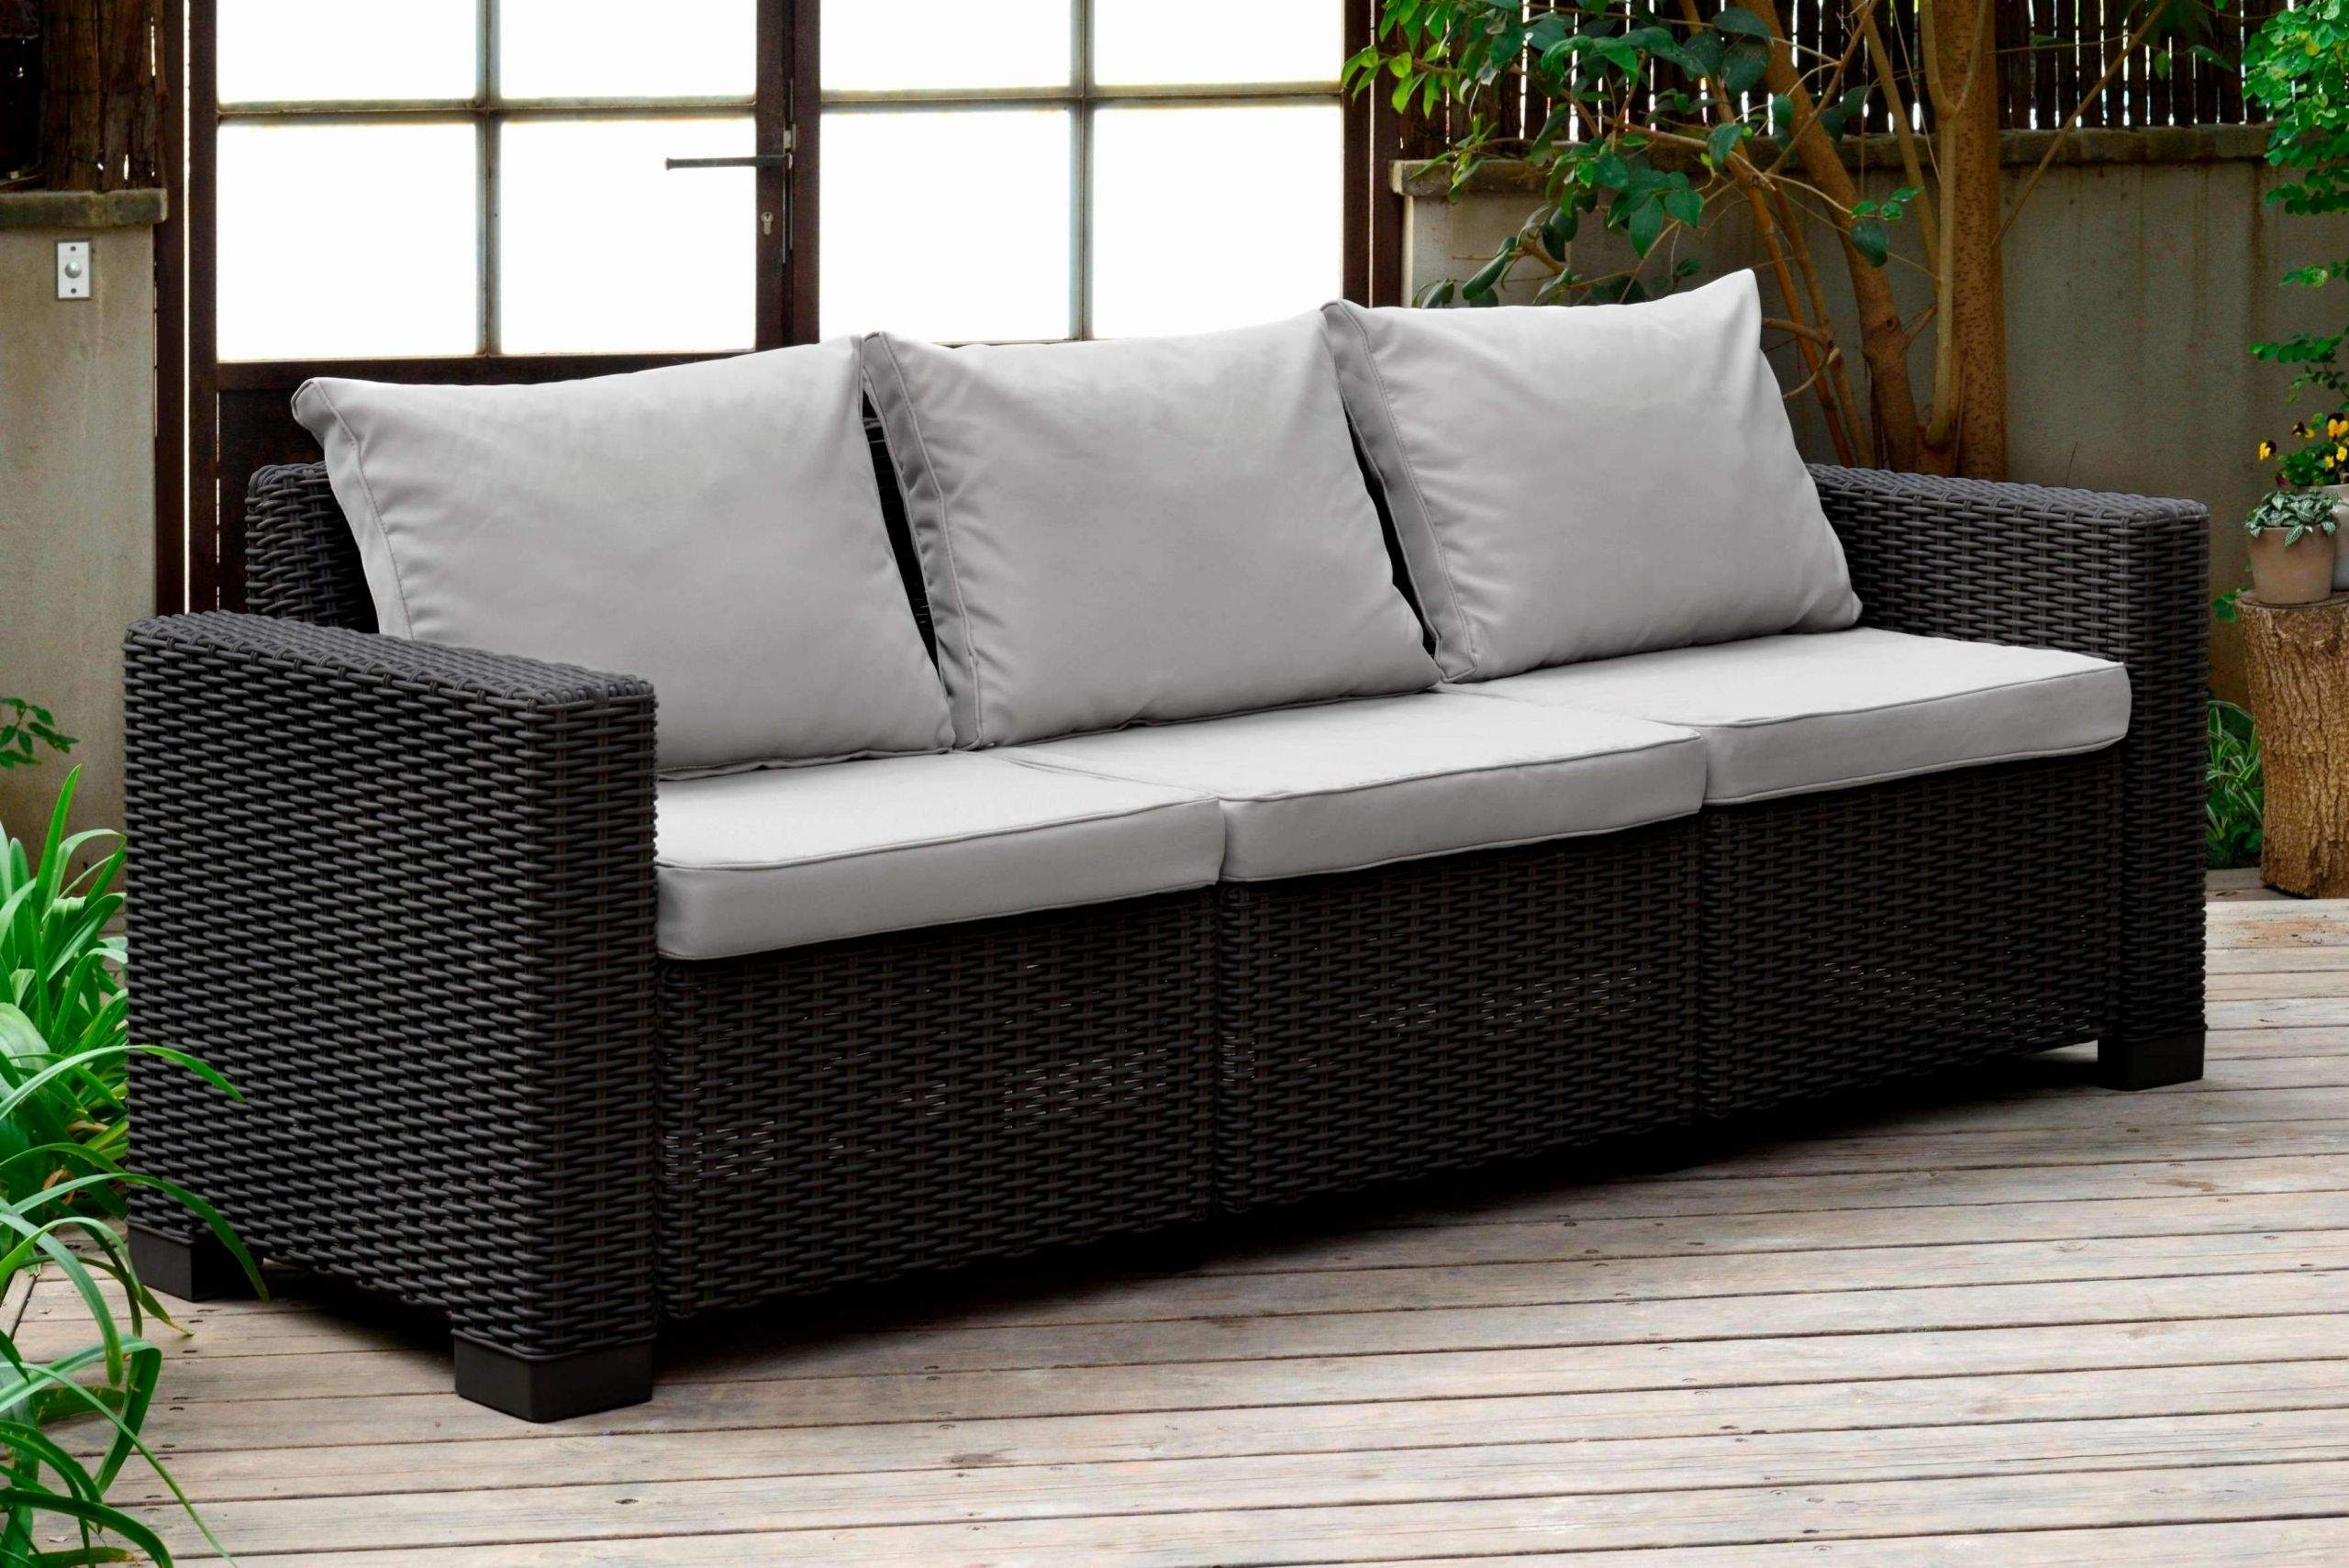 rattan sofa wohnzimmer reizend 42 neu wohnzimmer sofas of rattan sofa wohnzimmer scaled